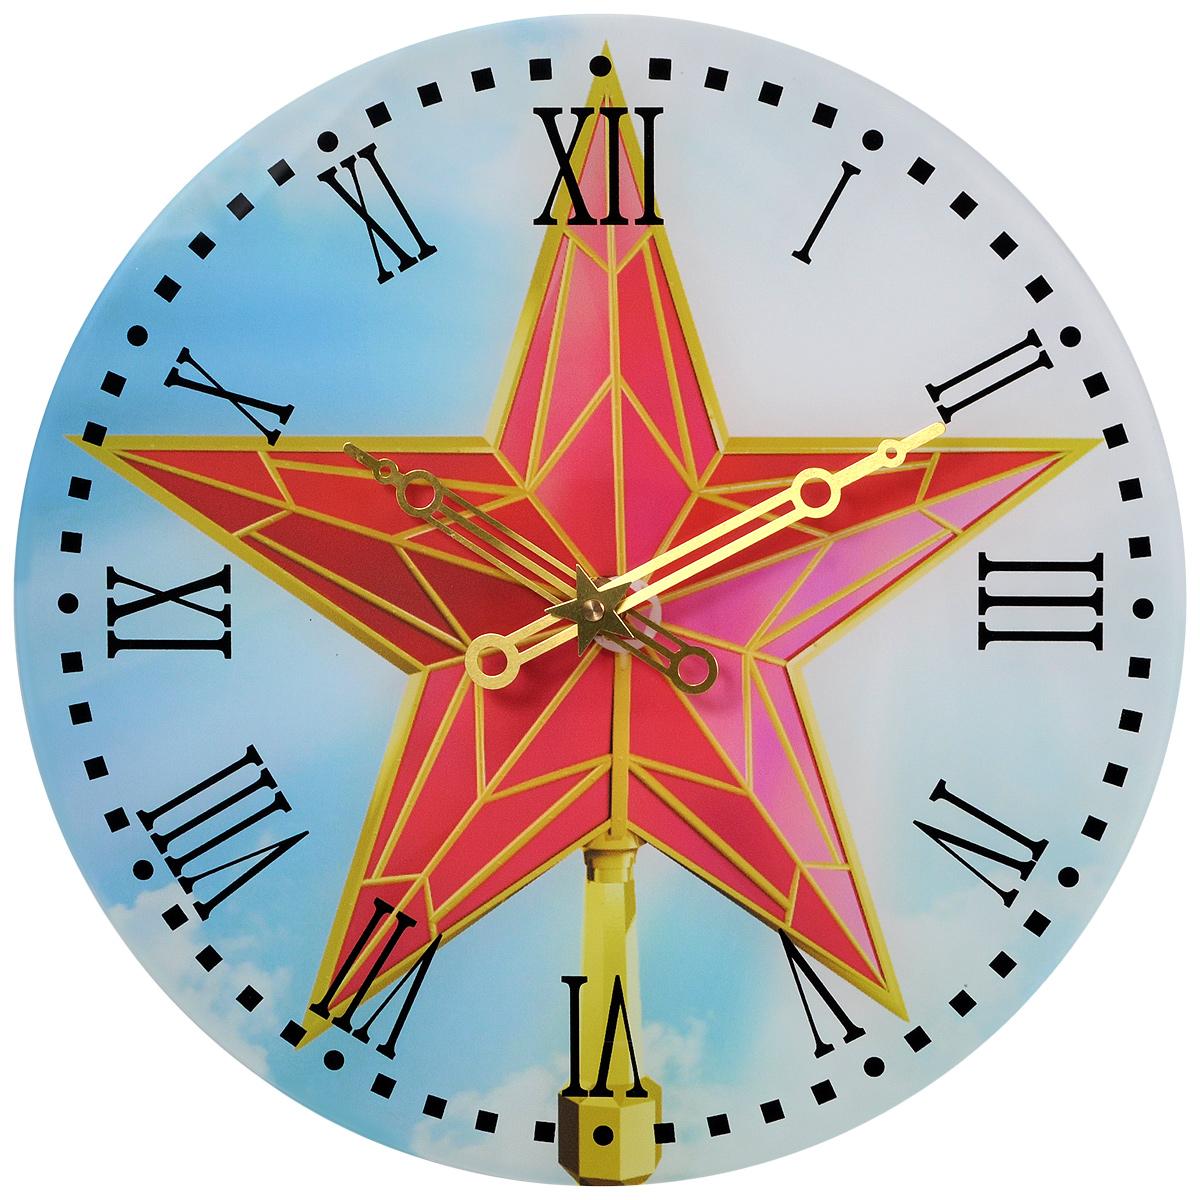 Часы настенные Кремлевская Звезда, стеклянные. 9601396013Оригинальные настенные часы Кремлевская Звезда круглой формы выполнены из стекла и оформлены изображением красной звезды. Часы имеют три стрелки - часовую, минутную и секундную. Циферблат часов не защищен. Необычное дизайнерское решение и качество исполнения придутся по вкусу каждому.Оформите совой дом таким интерьерным аксессуаром или преподнесите его в качестве презента друзьям, и они оценят ваш оригинальный вкус и неординарность подарка.